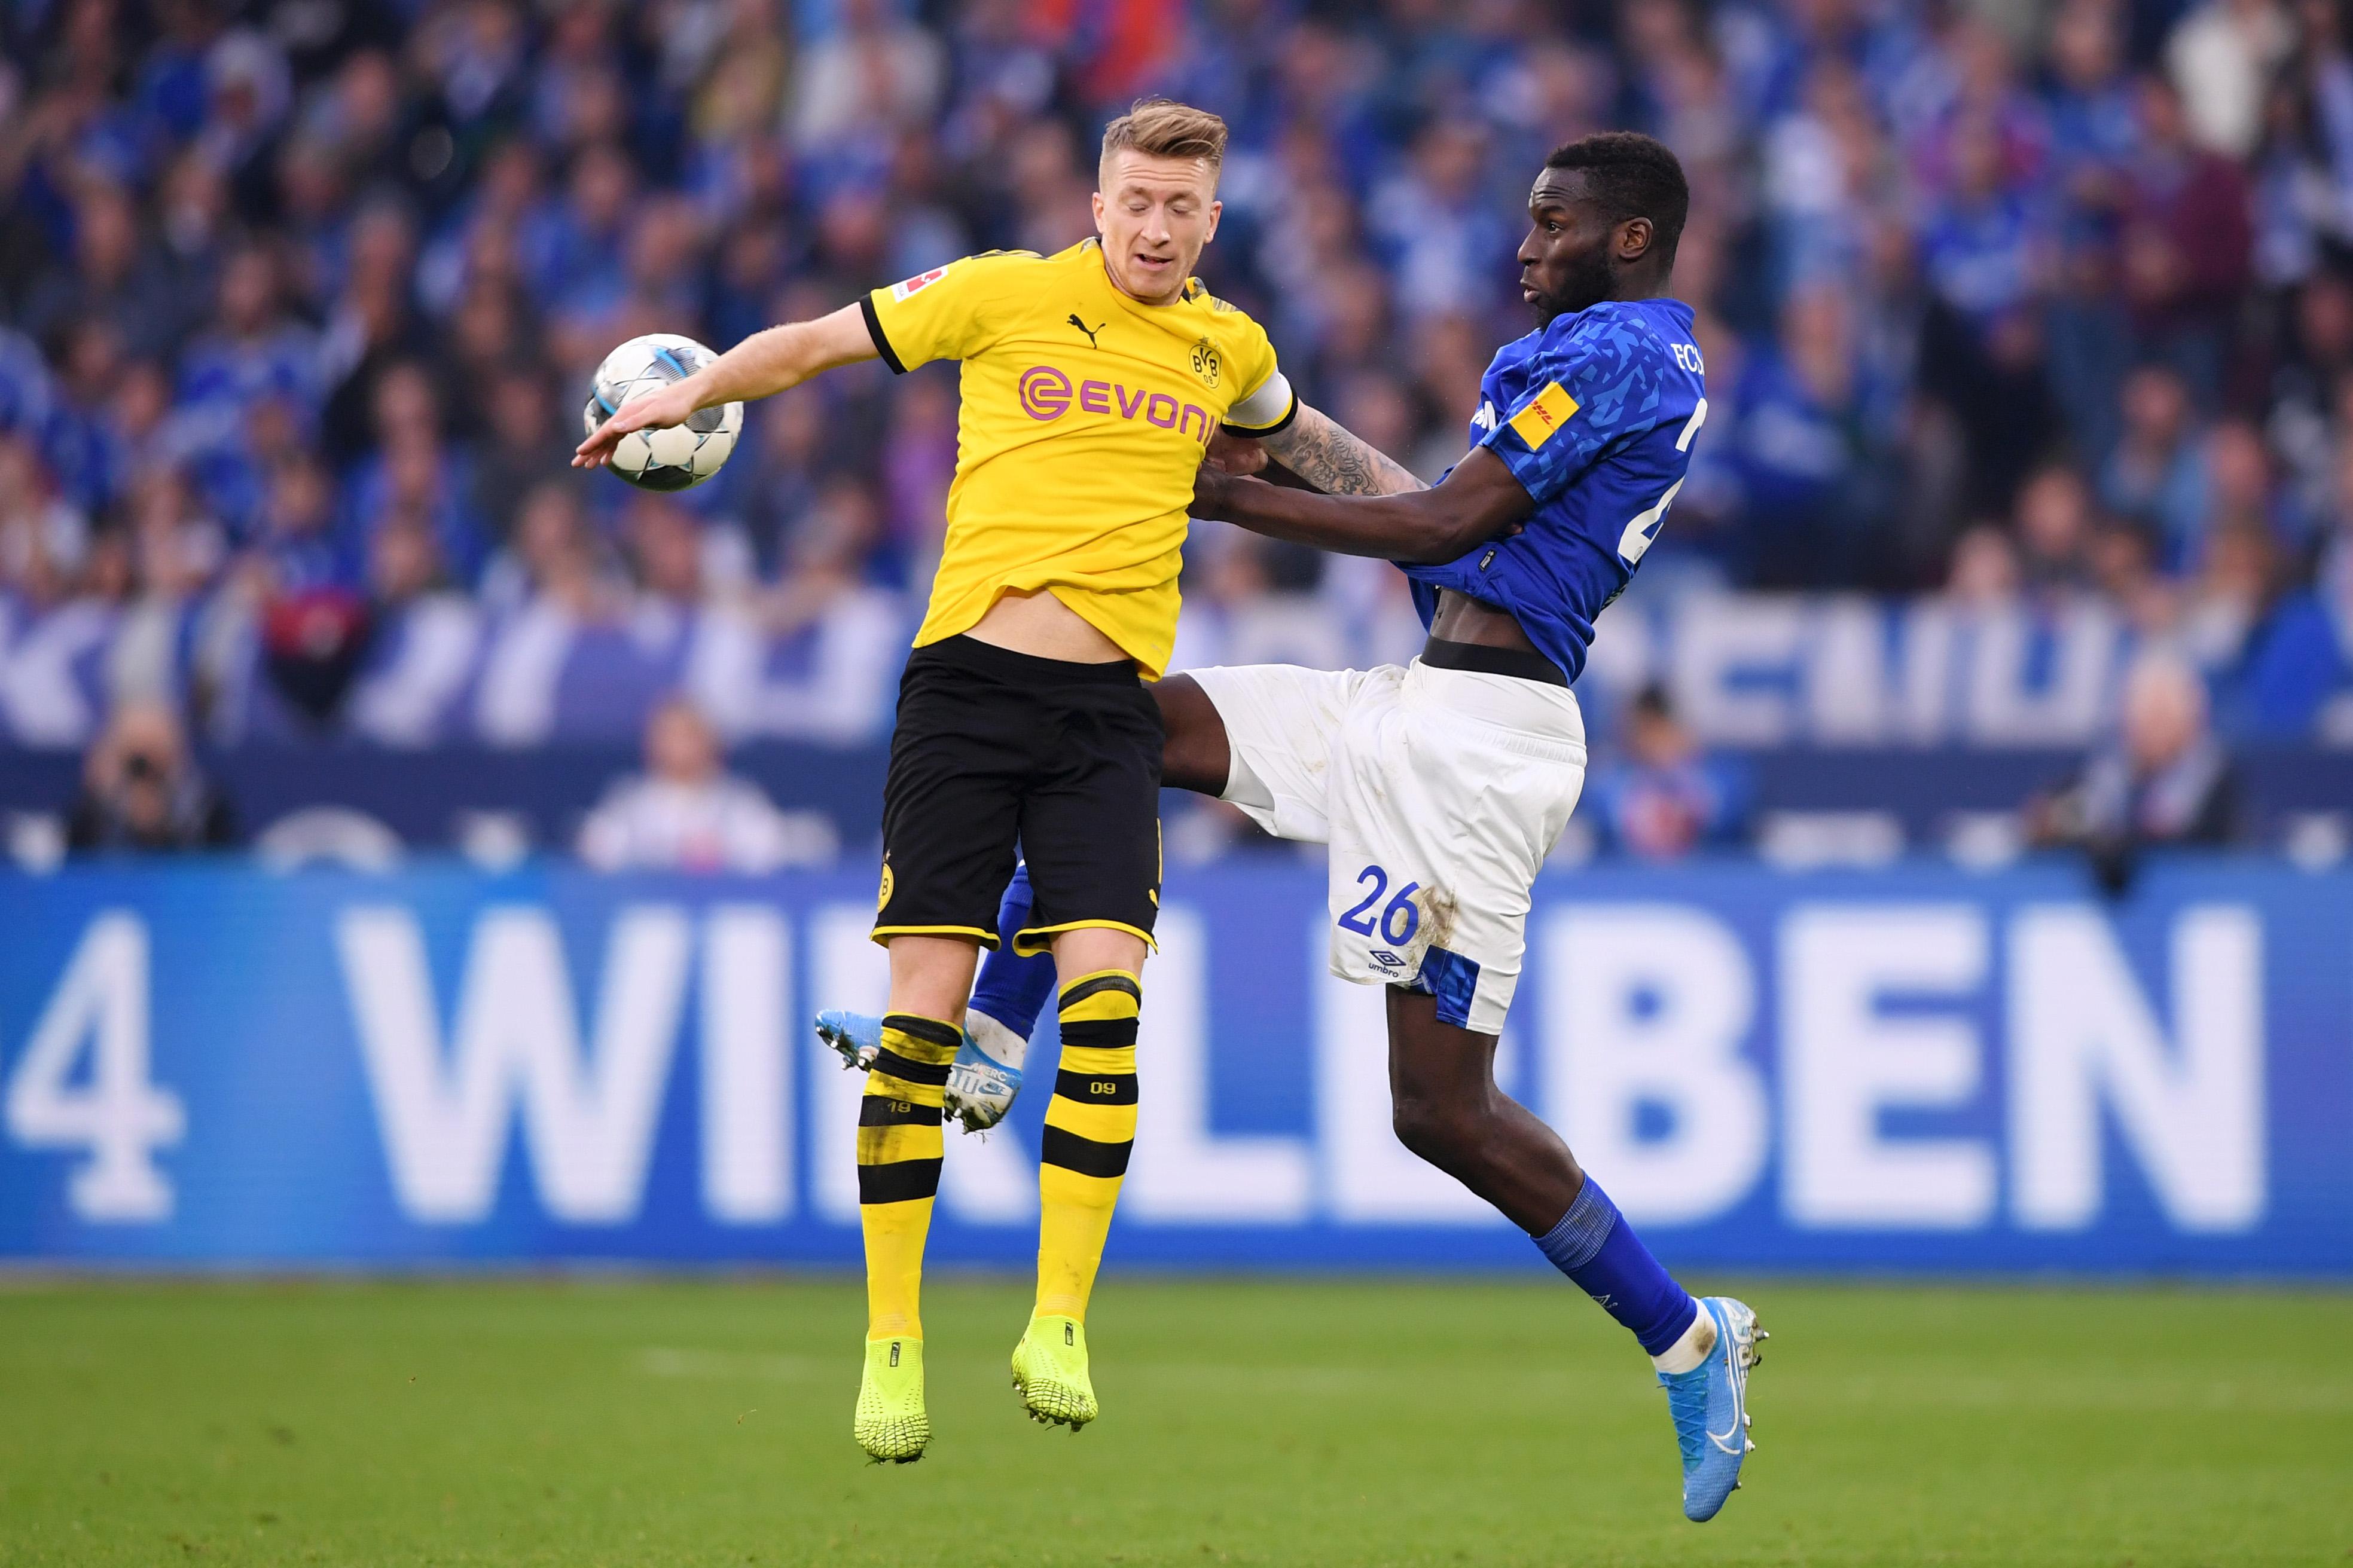 Schalke 04 vs Borussia Dortmund